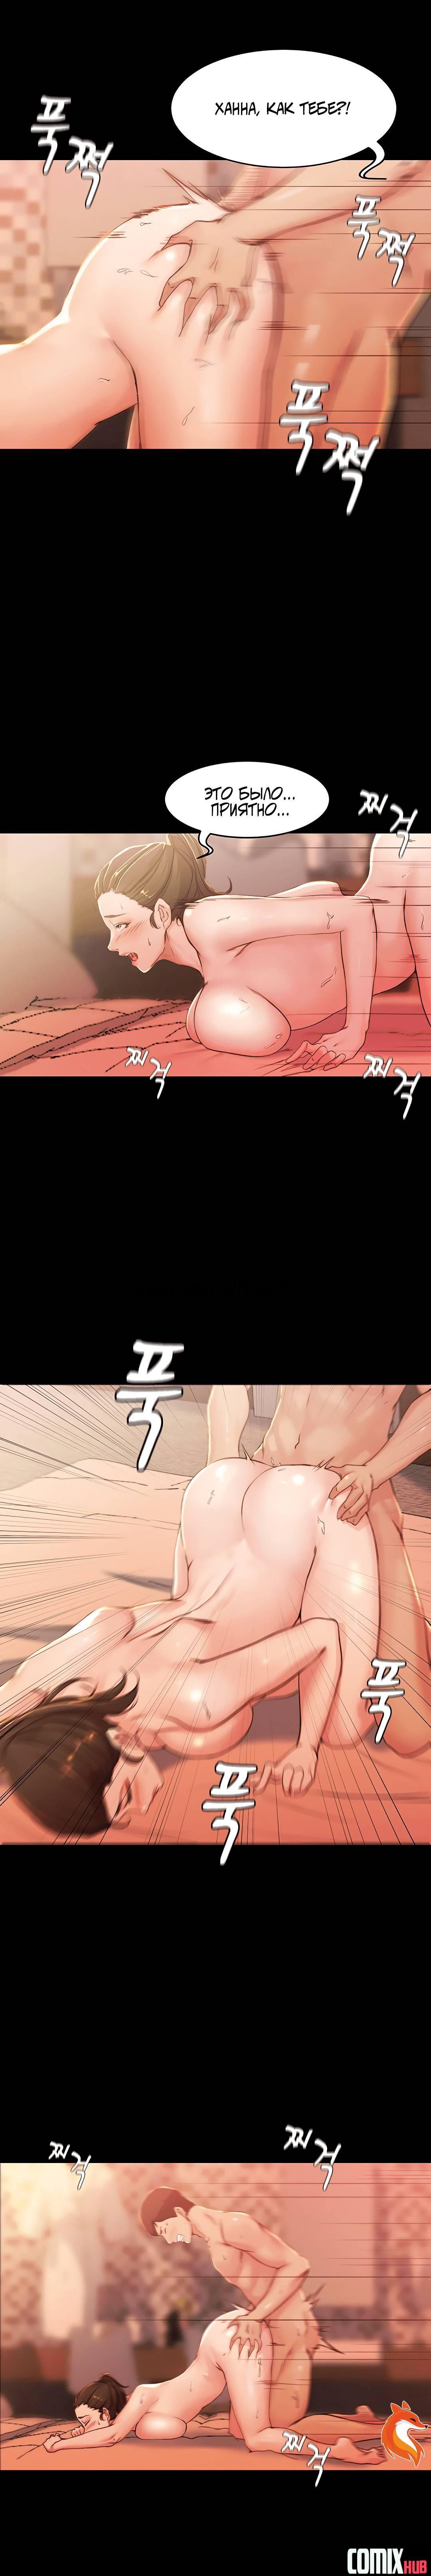 Манхва, тетрадь по трусикам, часть 26 Большая грудь, Измена, Мастурбация, Минет, Супер-герои, Хентай манга, манхва